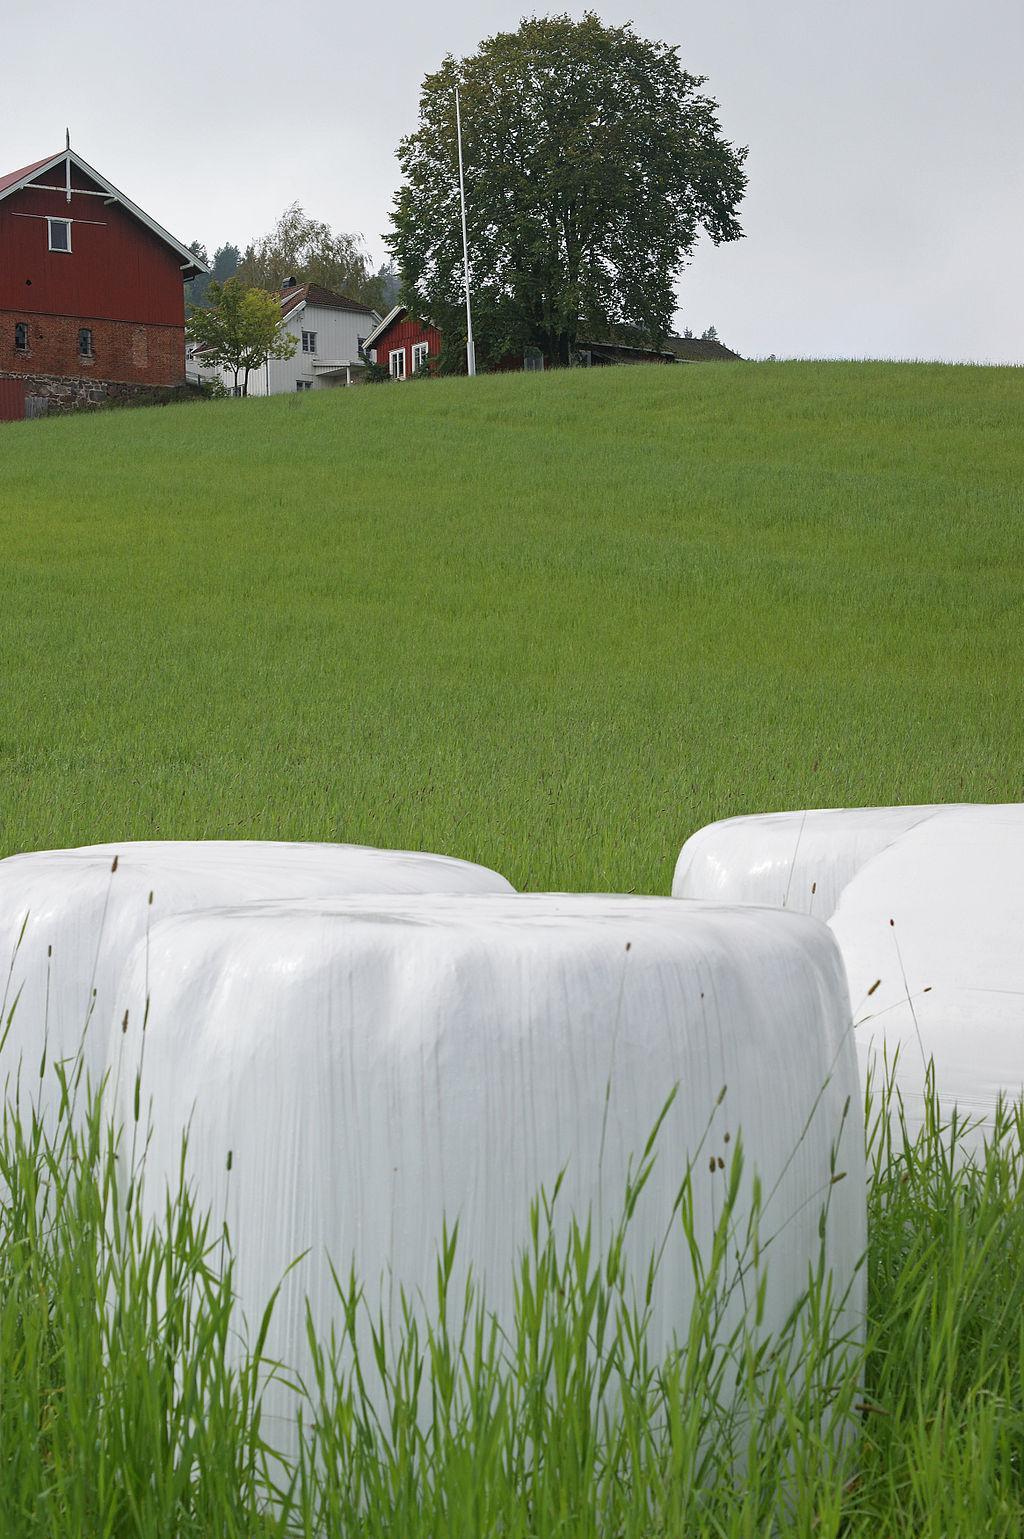 Rundballer på en grønn eng. Foto.